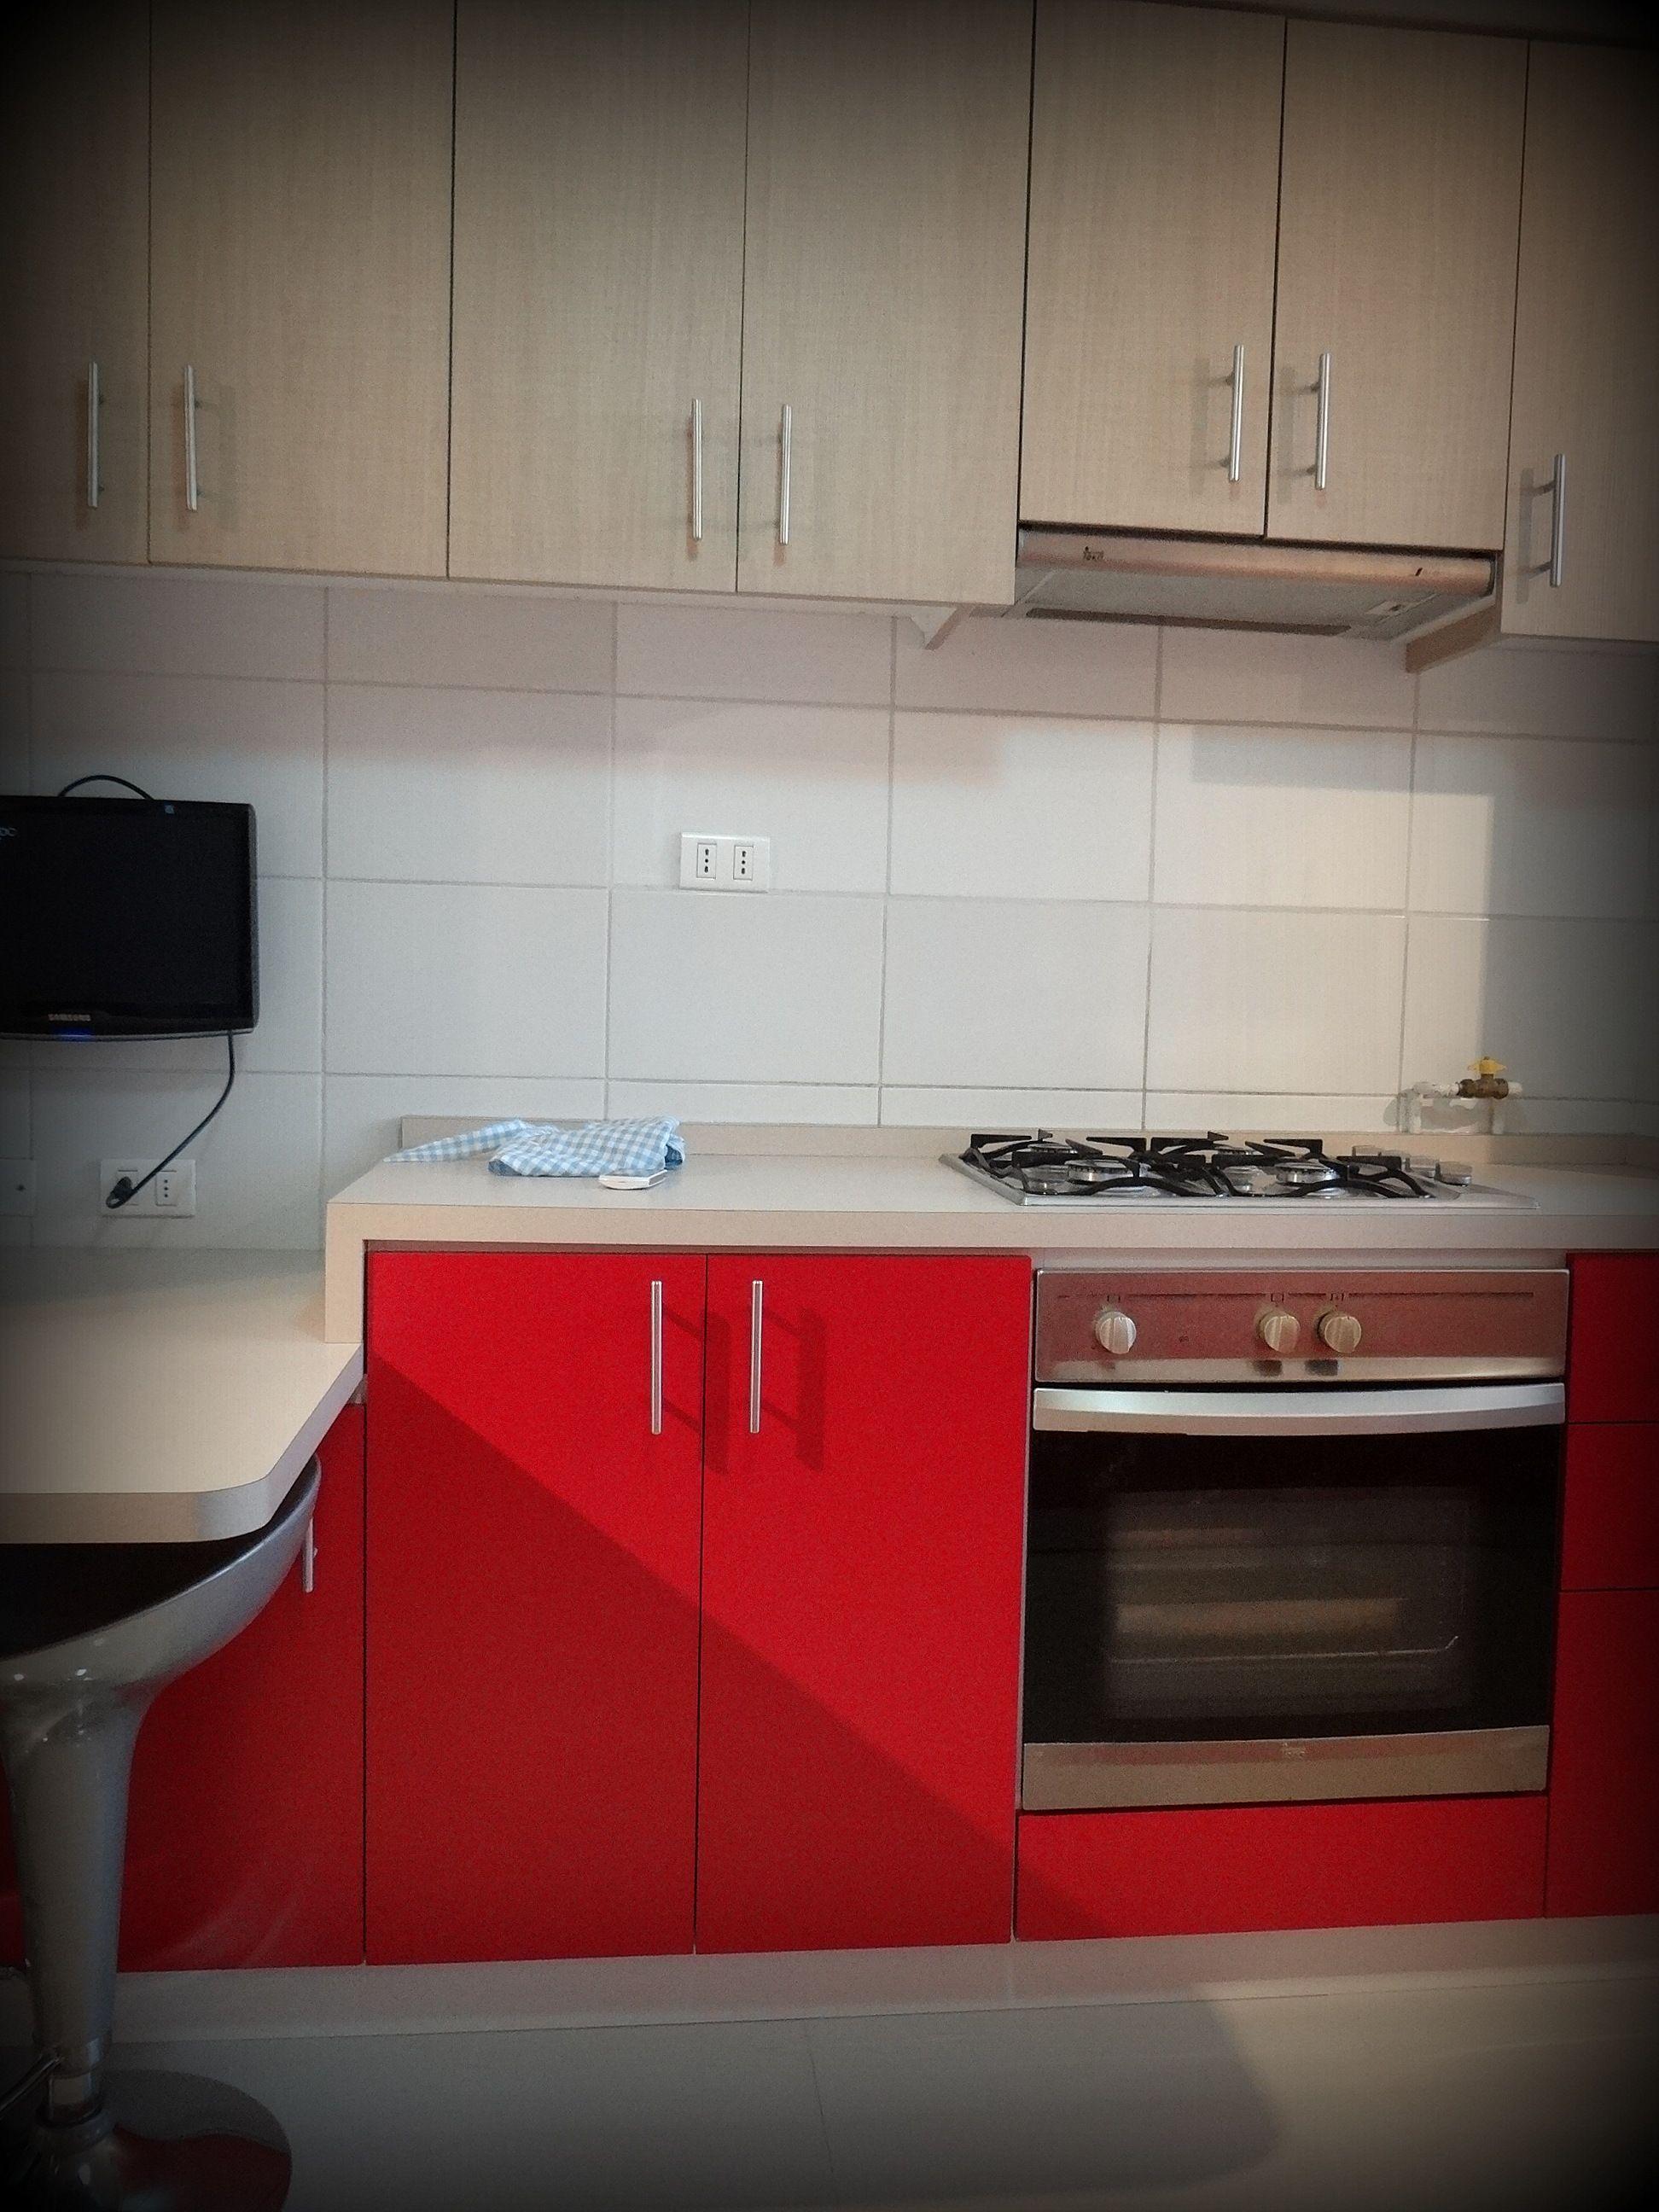 Cocina encimera con horno bajo superficie postformada for Superficie cocina